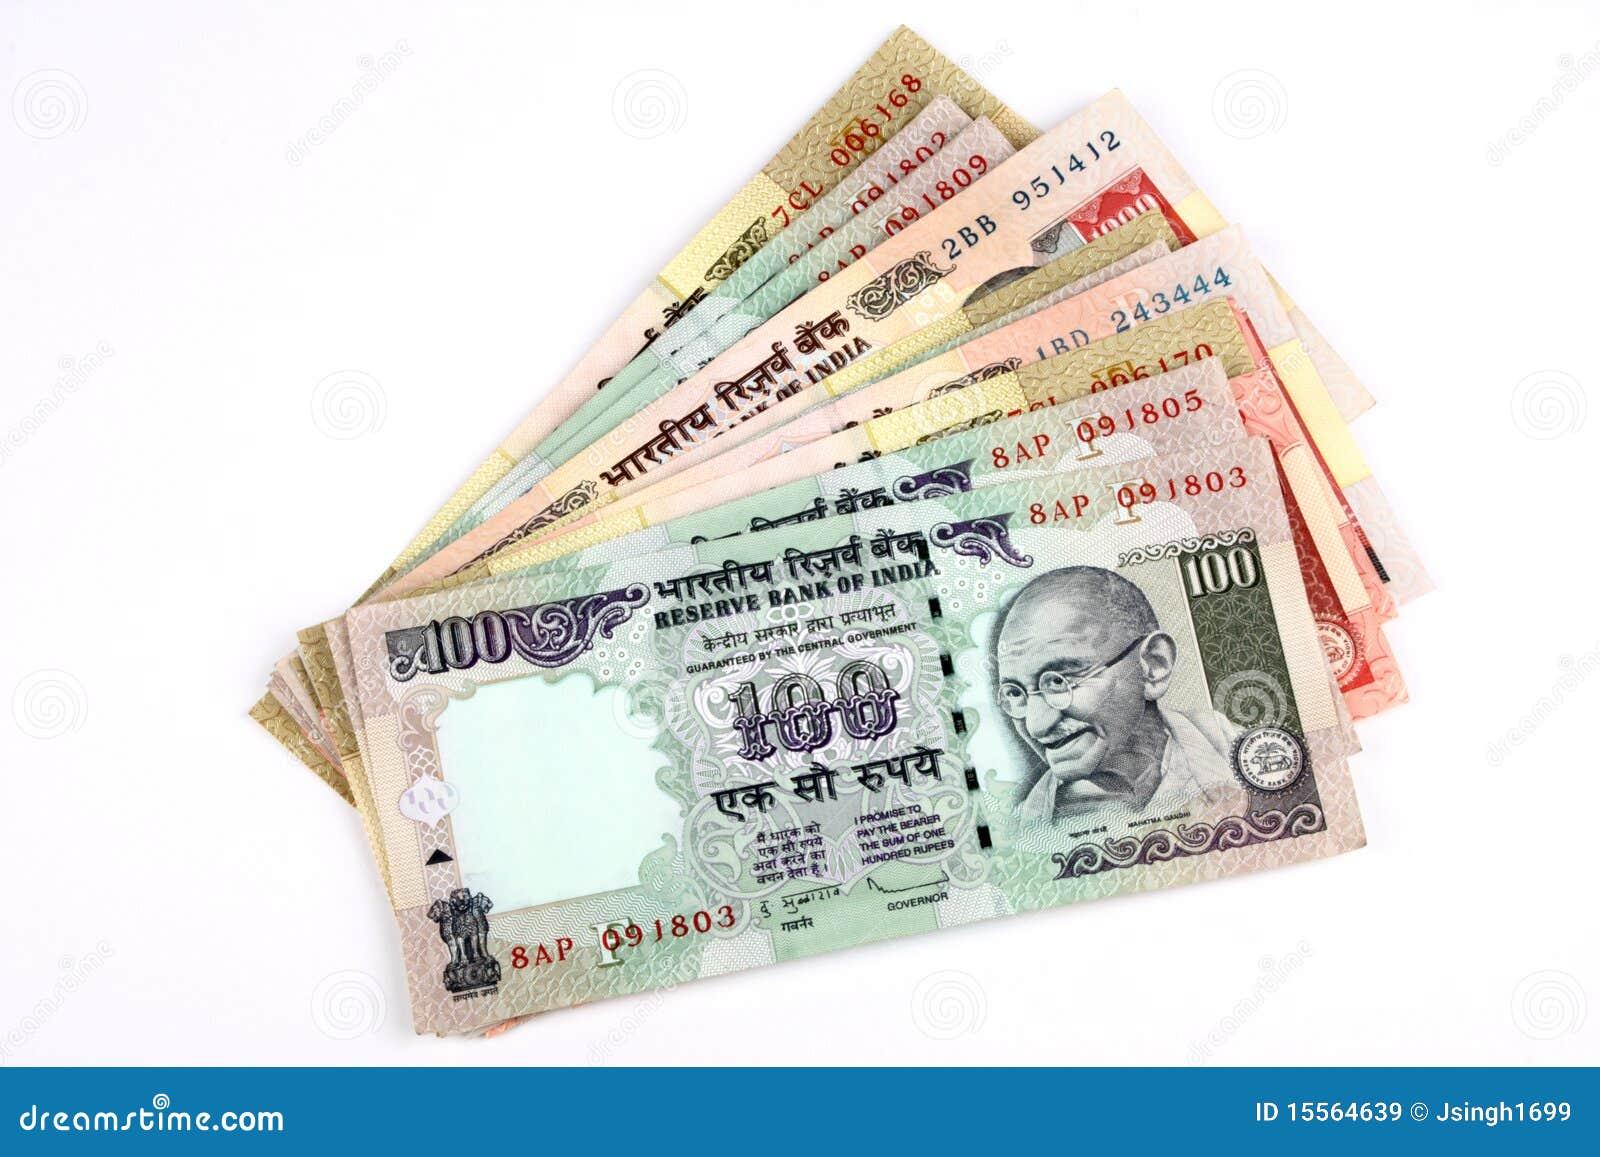 india money stock image image of business rupee india 15564639